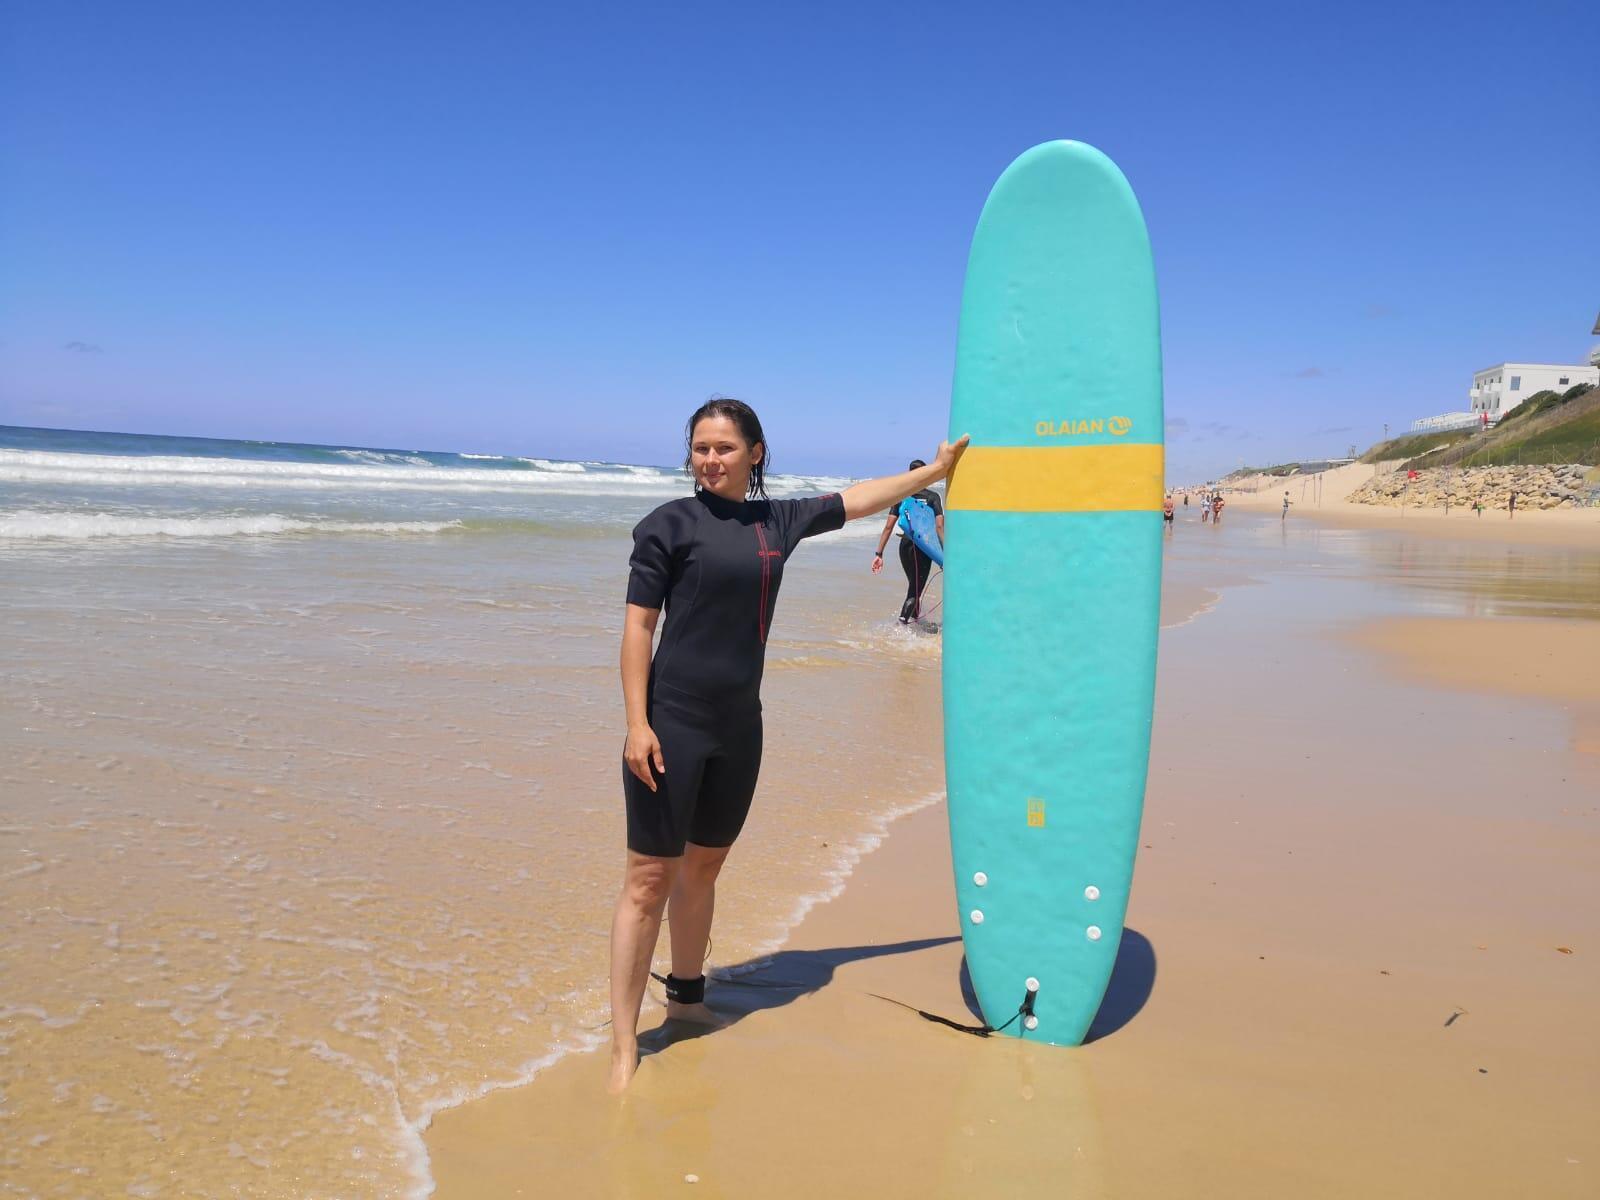 Yalena aprovecha para surfear en el balneario de Bizcarrosa, a 40 km al sur de Arcachon en el Atlántico francés.